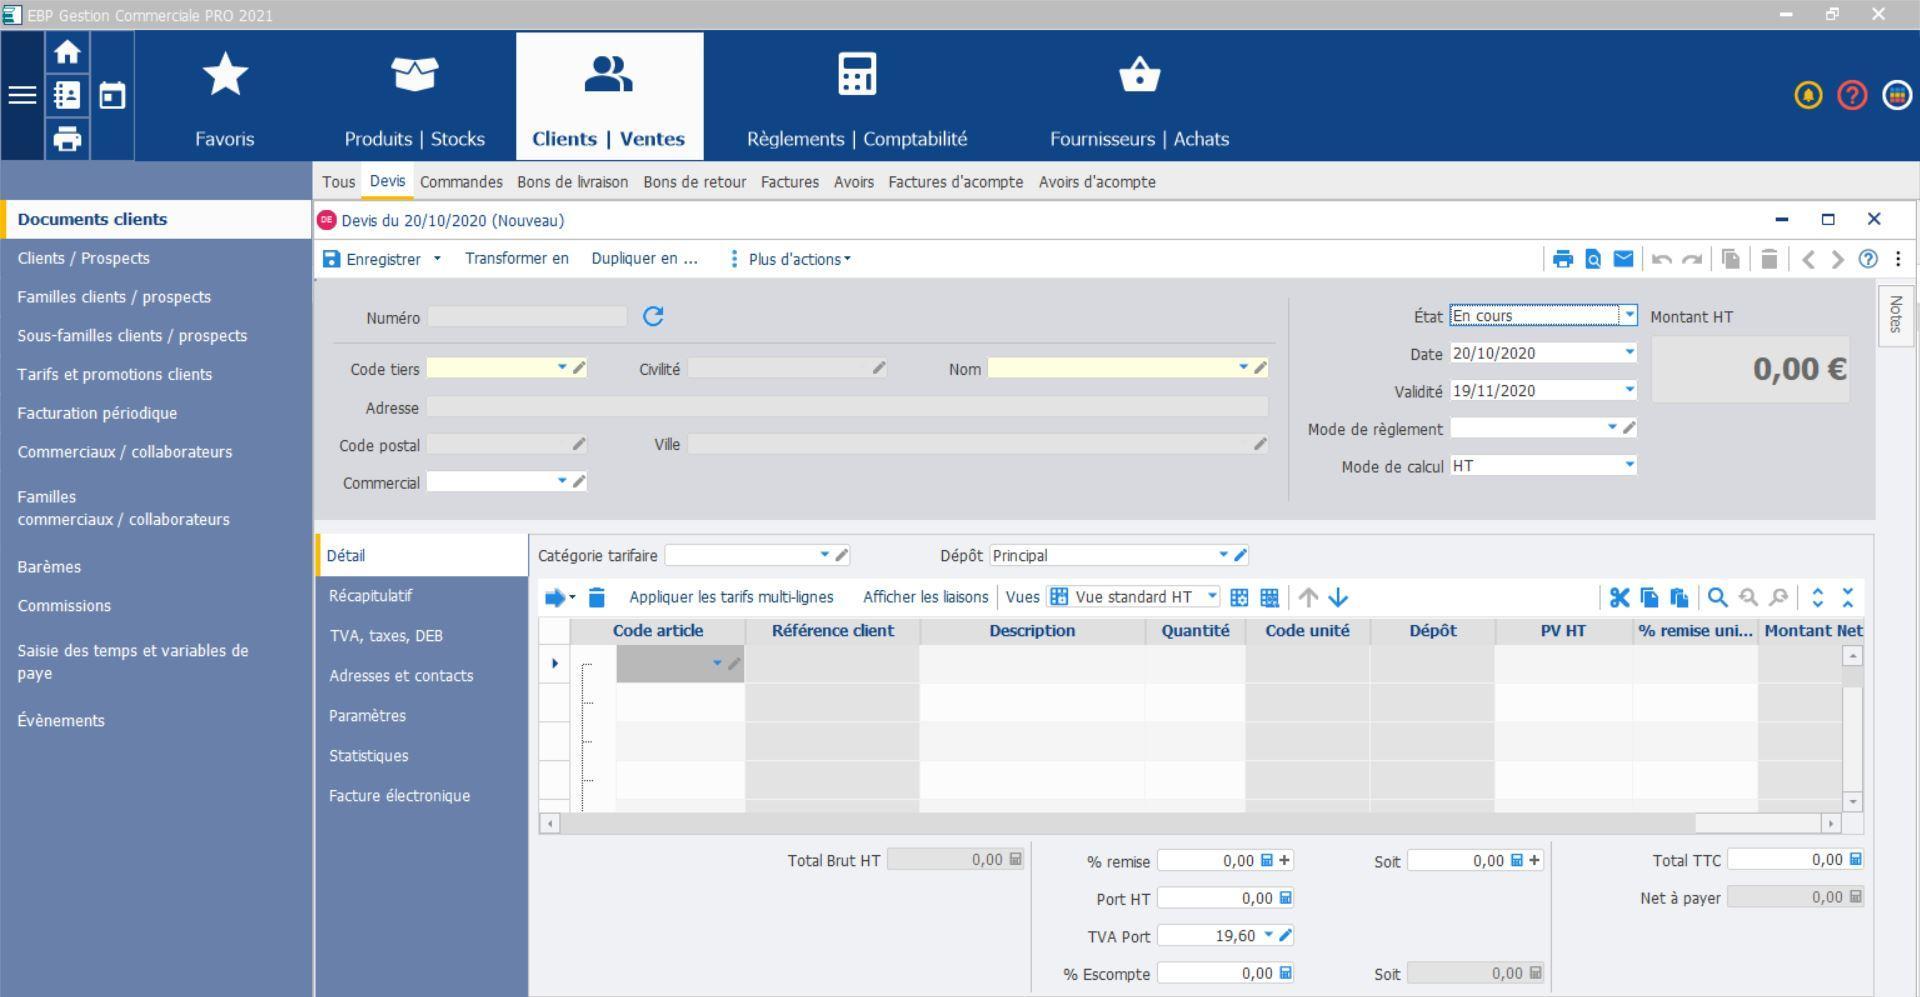 Créez vos devis et factures avec EBP Gestion Commerciale en ligne